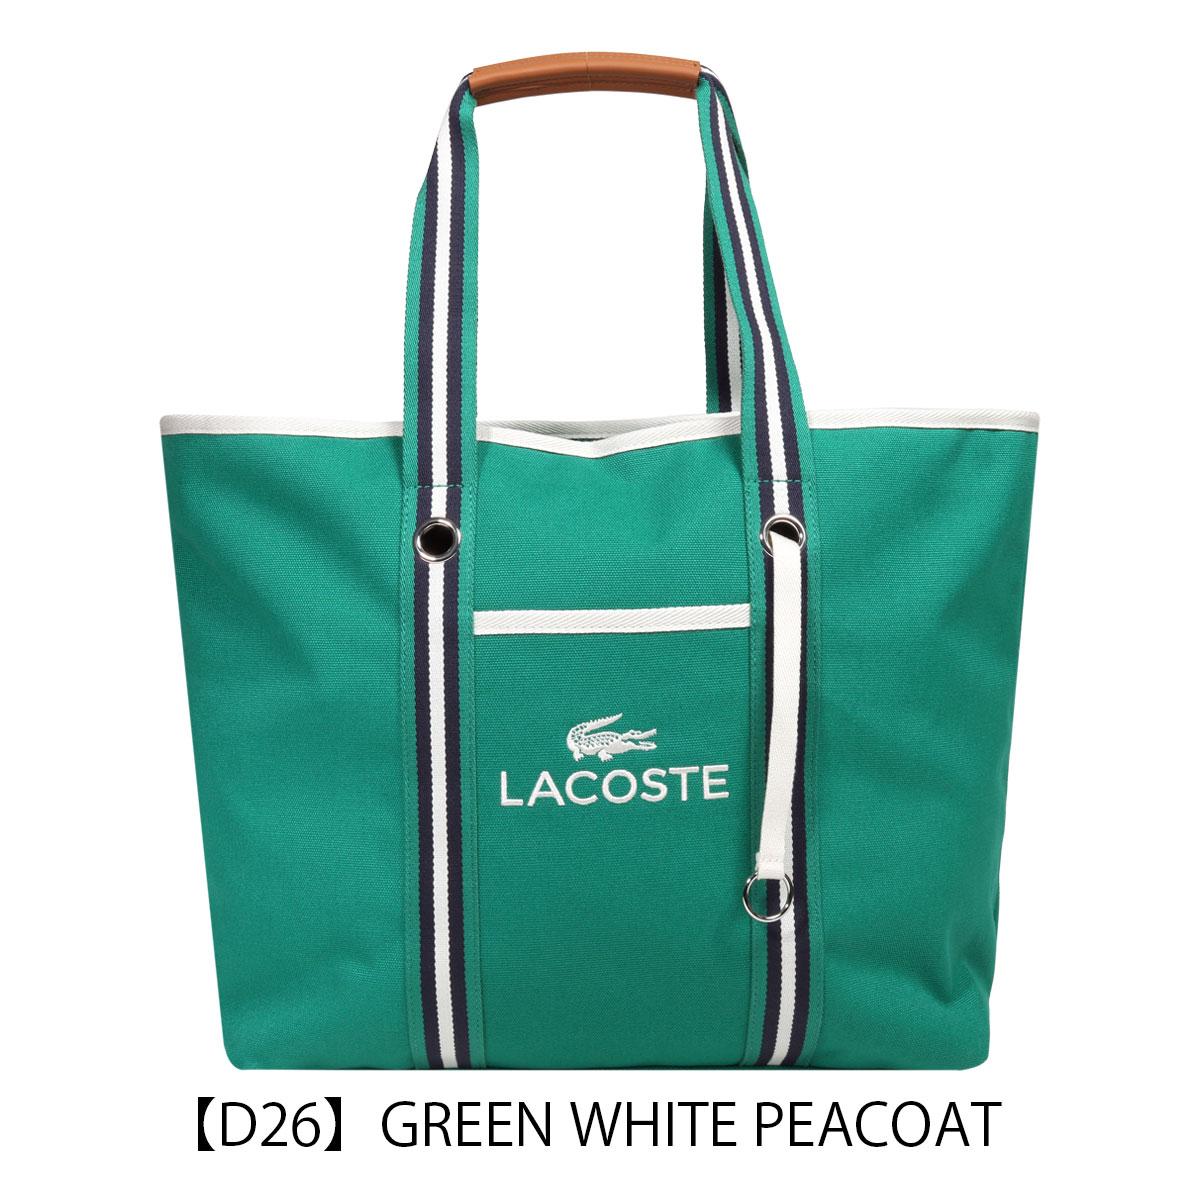 【D26】GREEN WHITE PEACOAT